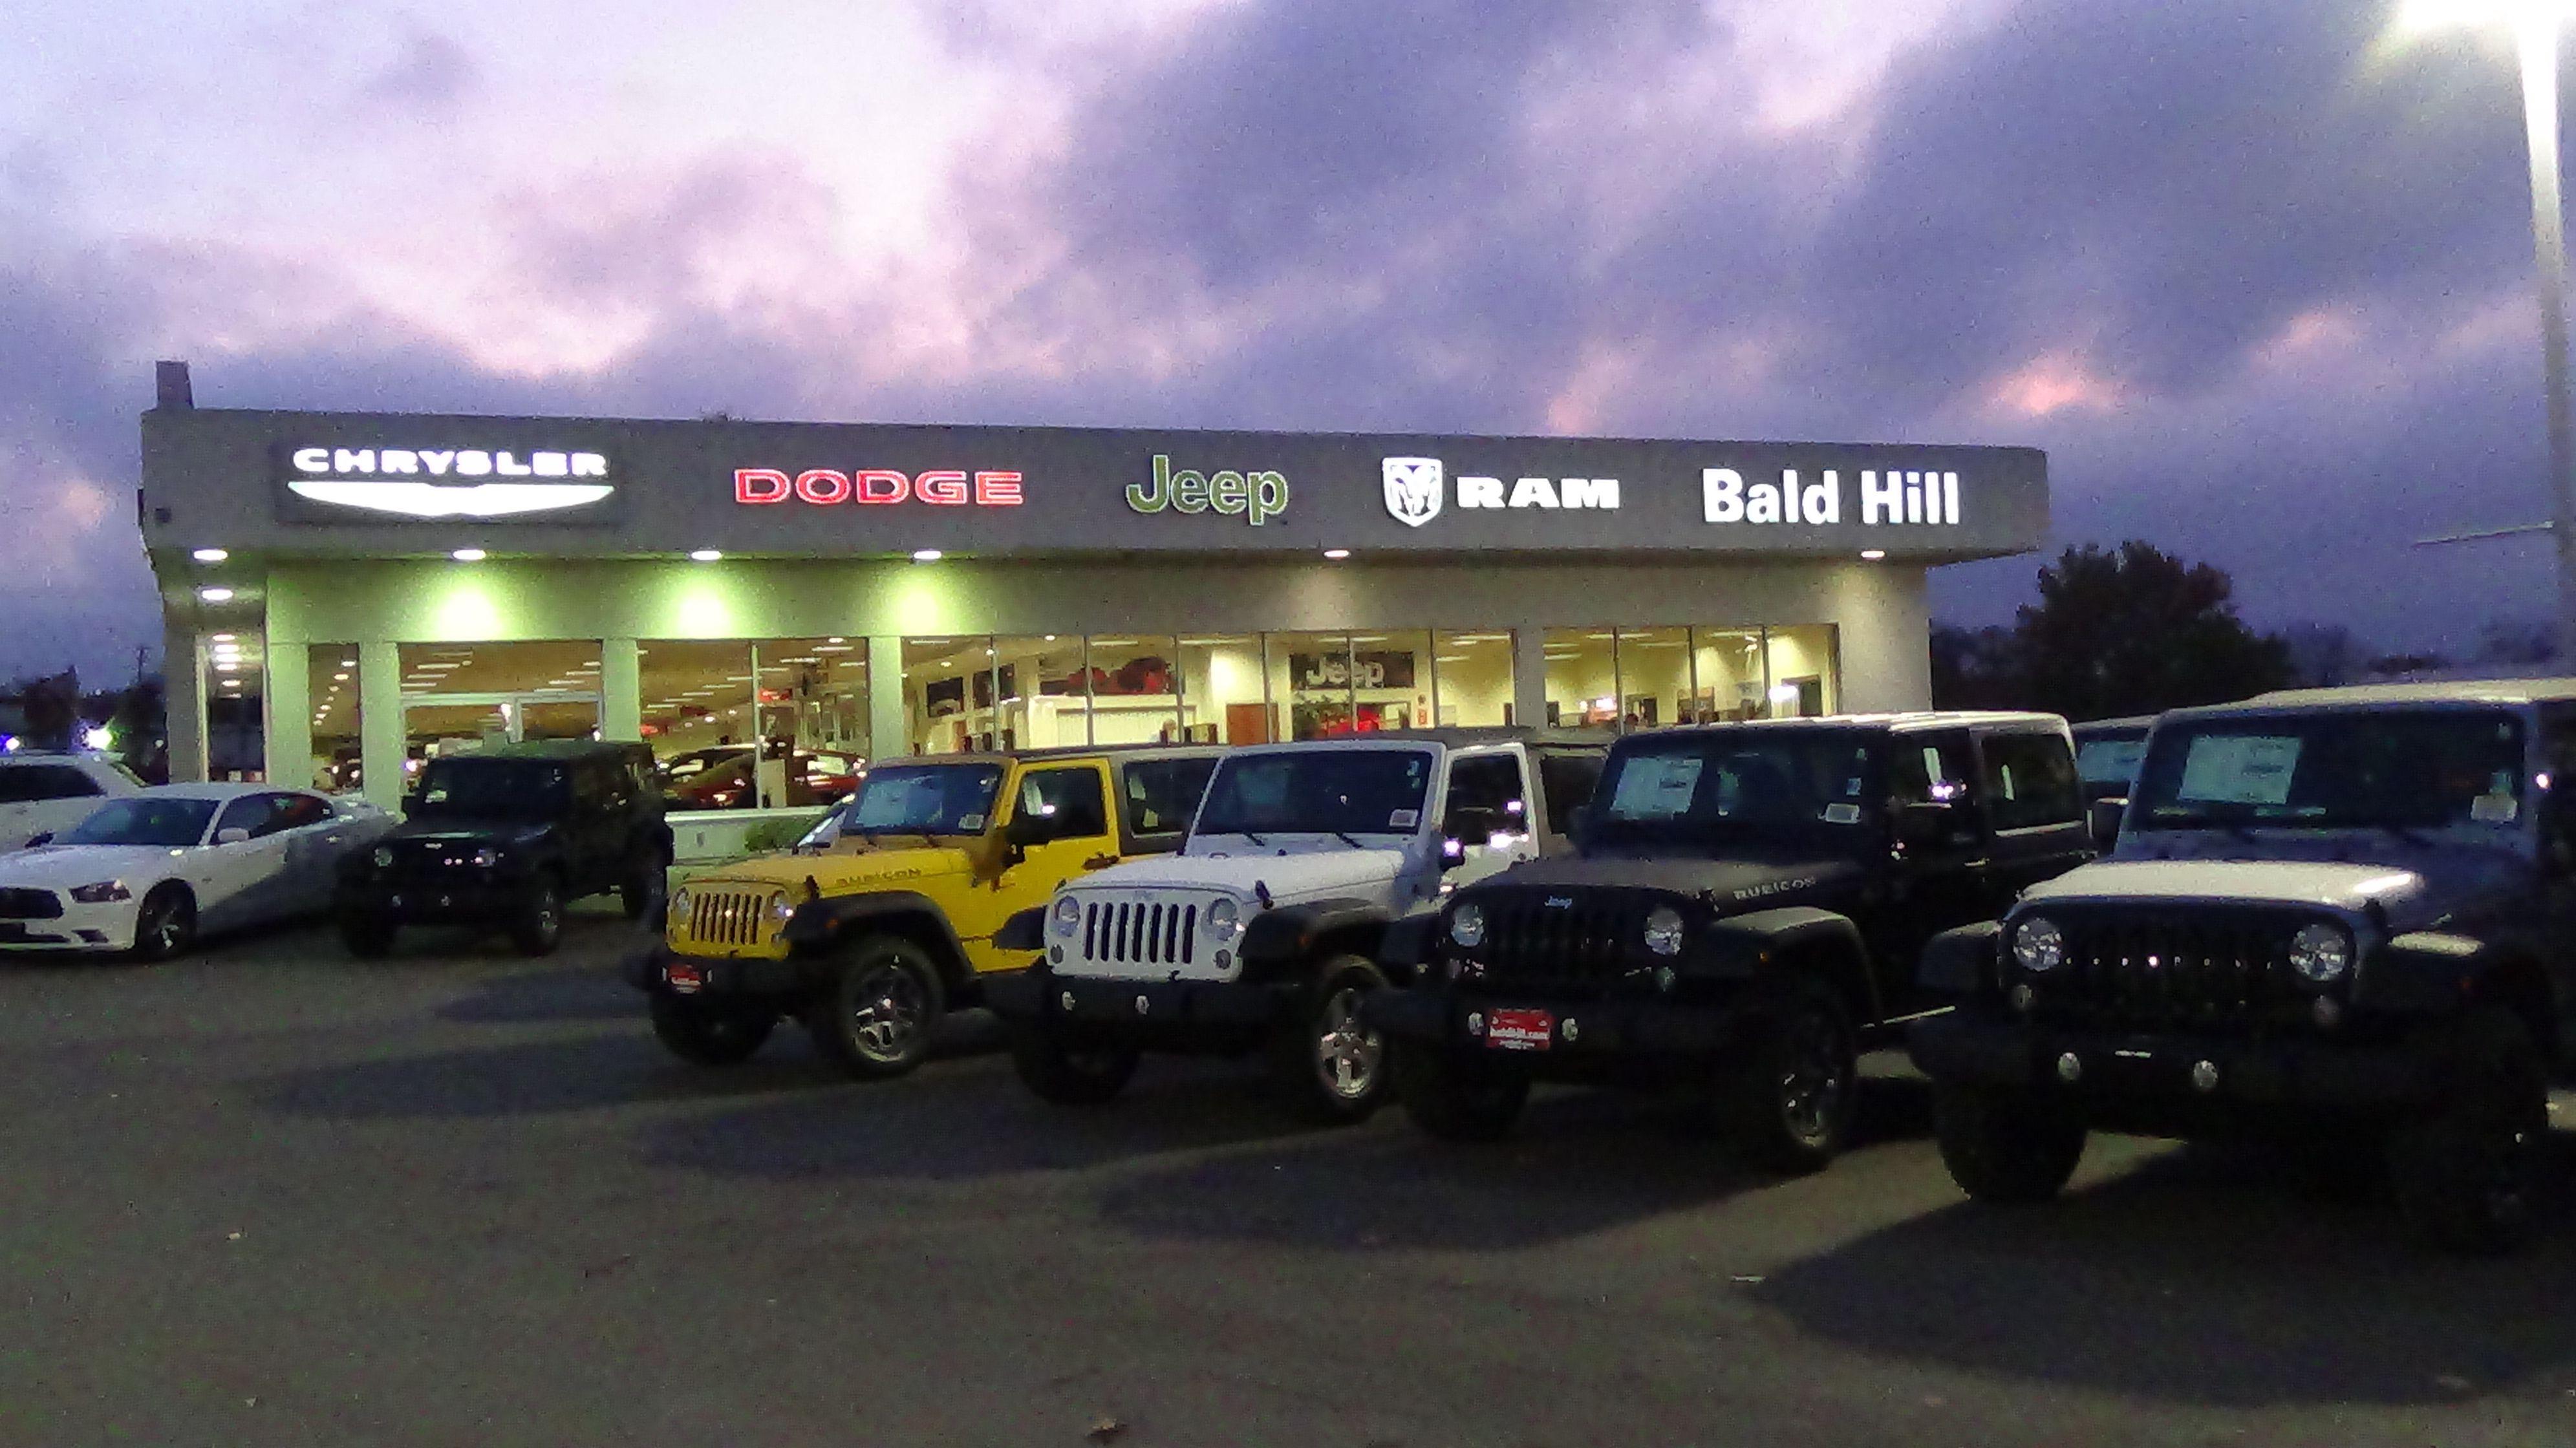 Bald Hill Dodge Chrysler Jeep RAM in Warwick RI